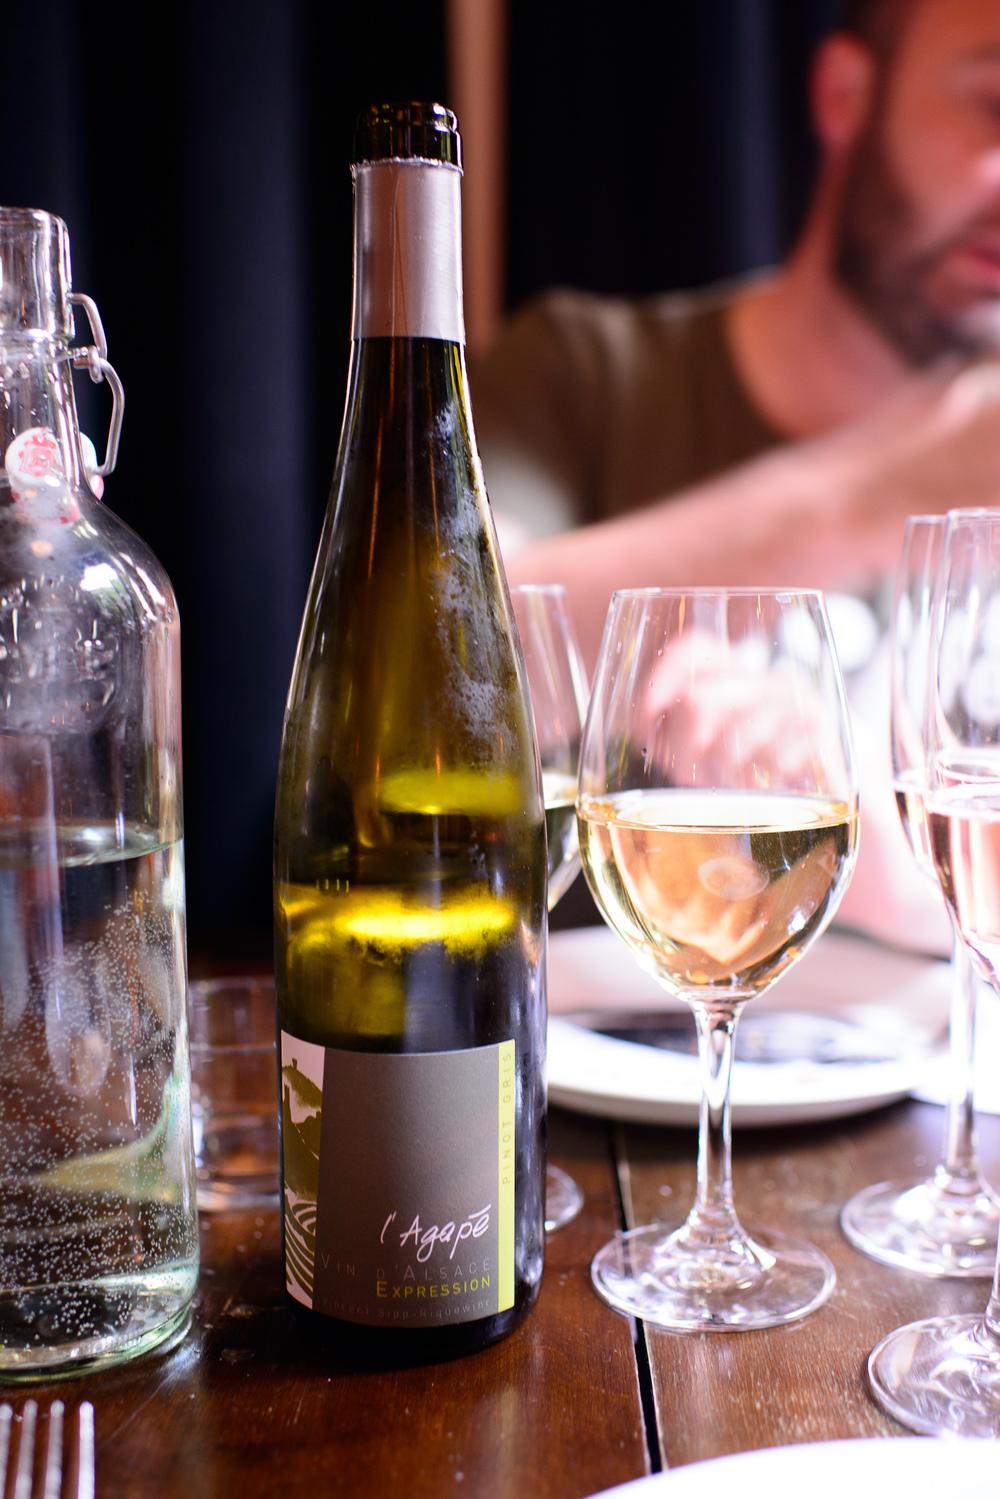 l'Agape, Vin d'Alsaces, Expression